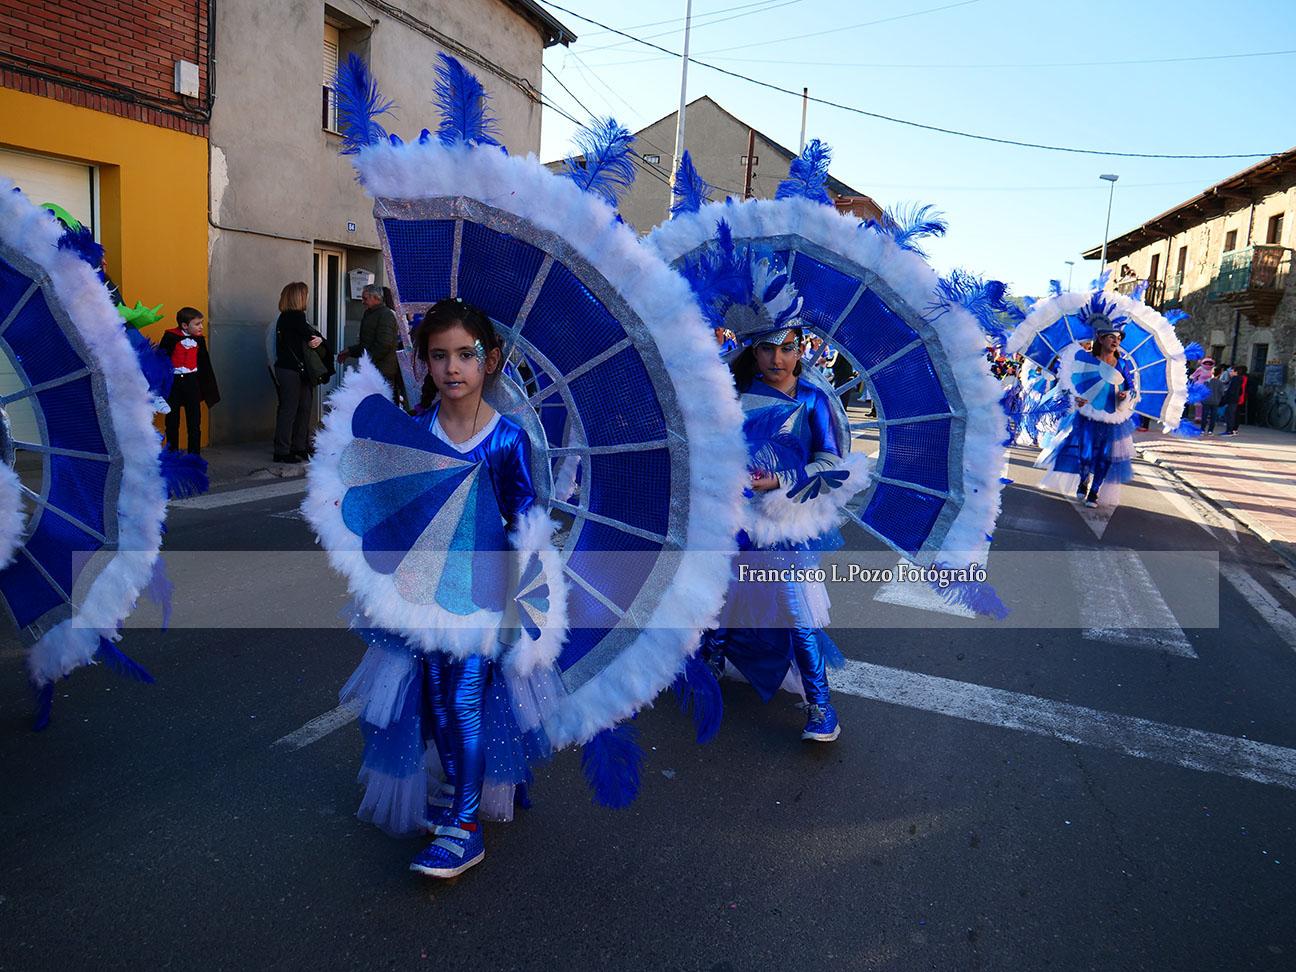 Carnaval 2020: Camponaraya sale a la calle a ritmo de comparsa 12